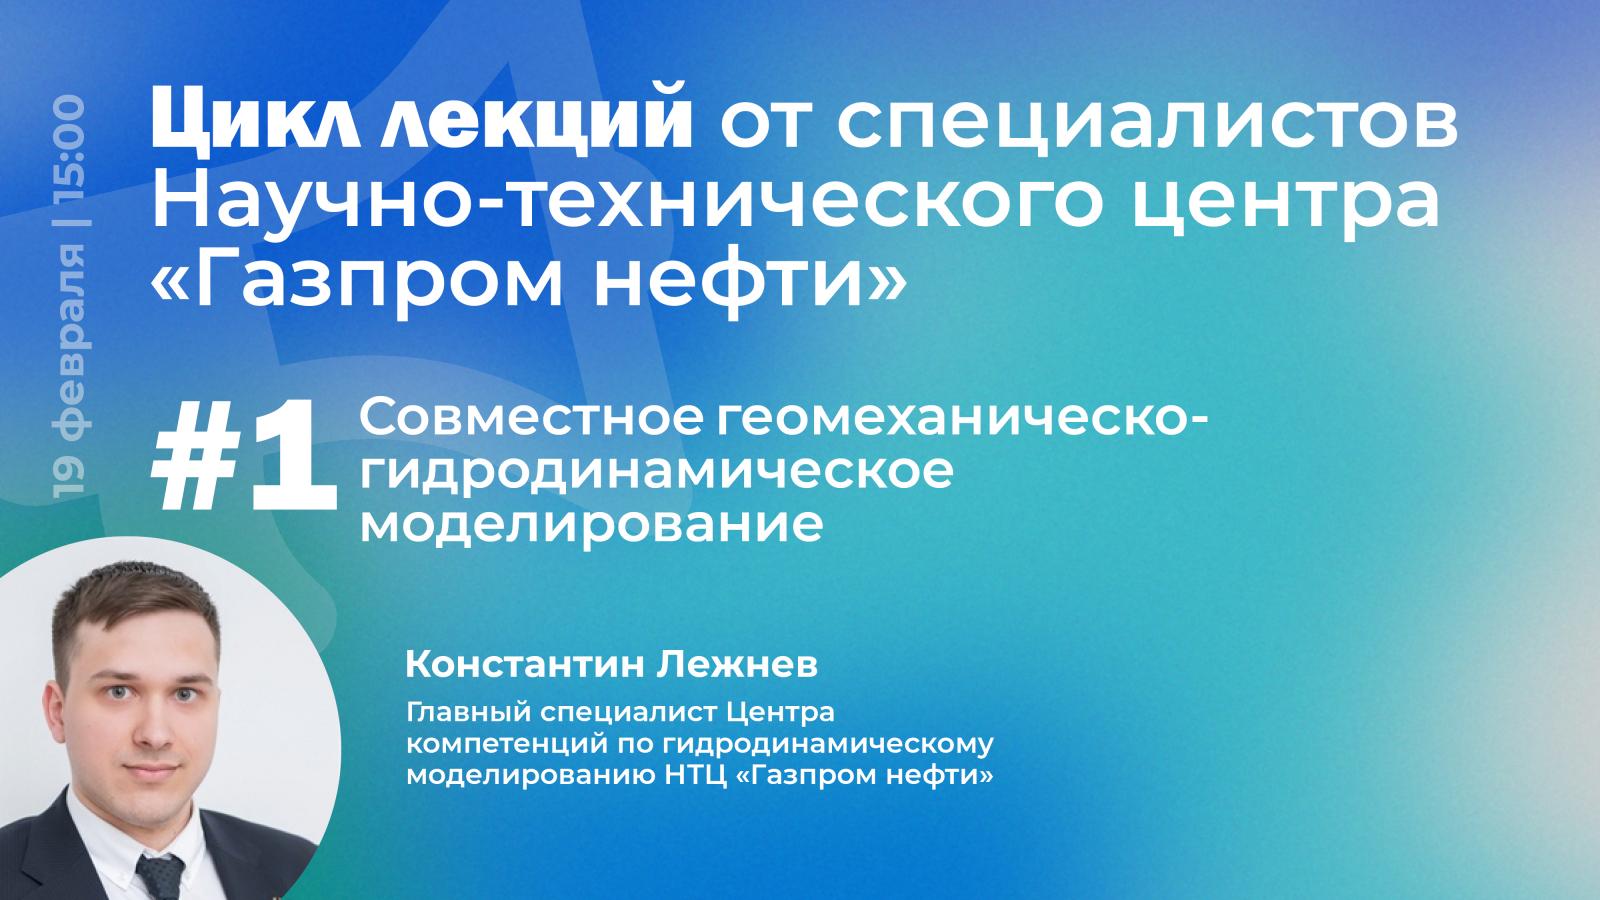 Специалист НТЦ «Газпром нефти» расскажет студентам Политеха об эволюции нефтяного инжиниринга